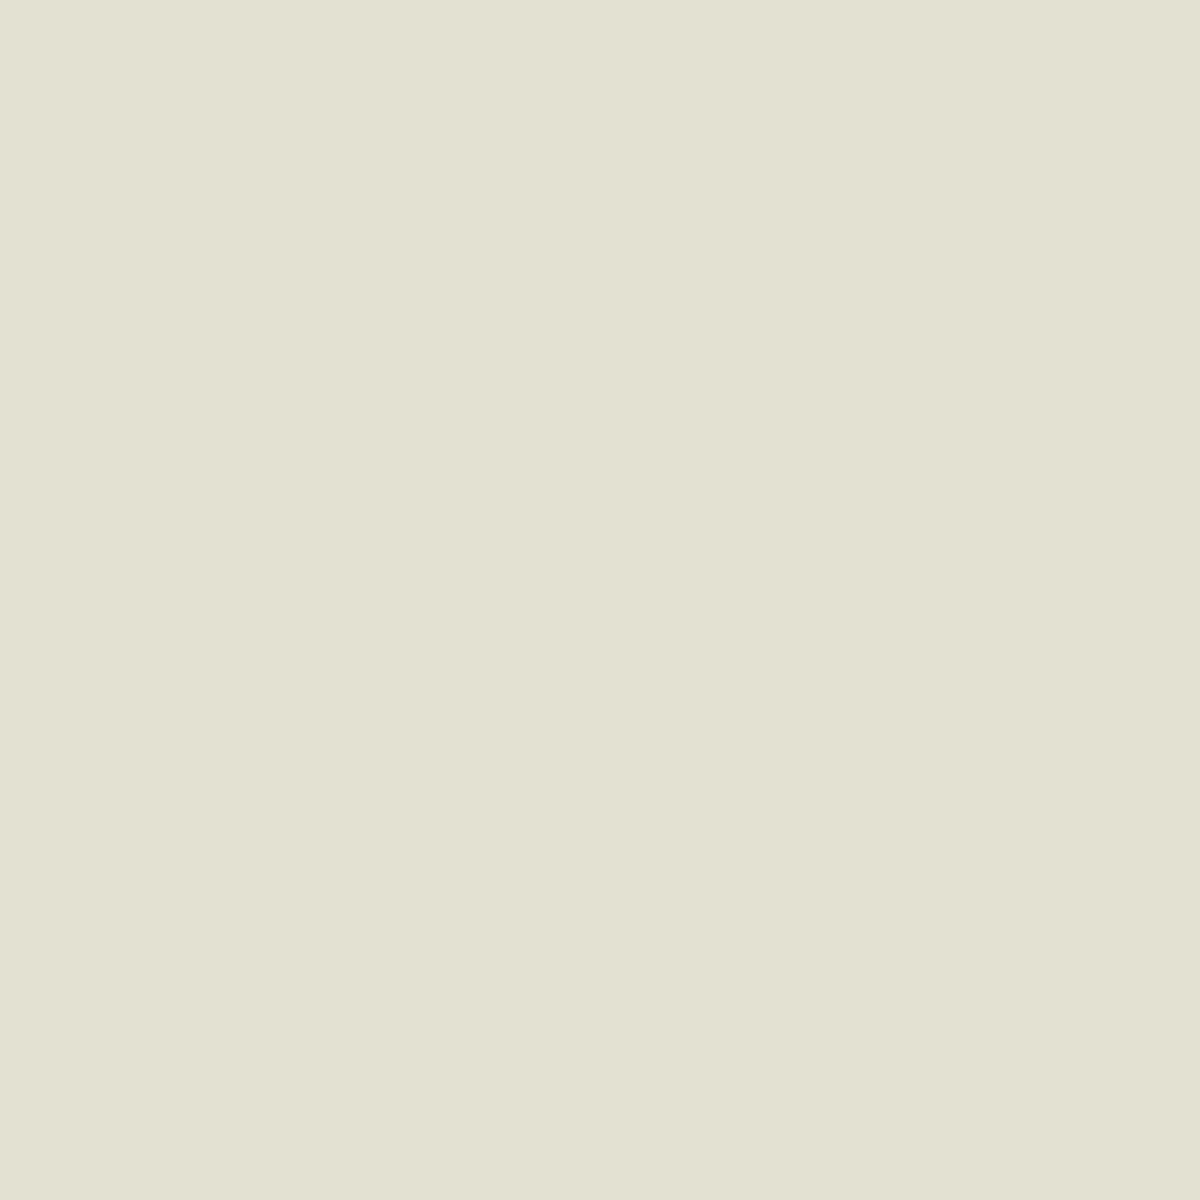 Bild 2 von BAUFIX natural Express-Deckfarbe hellgrau